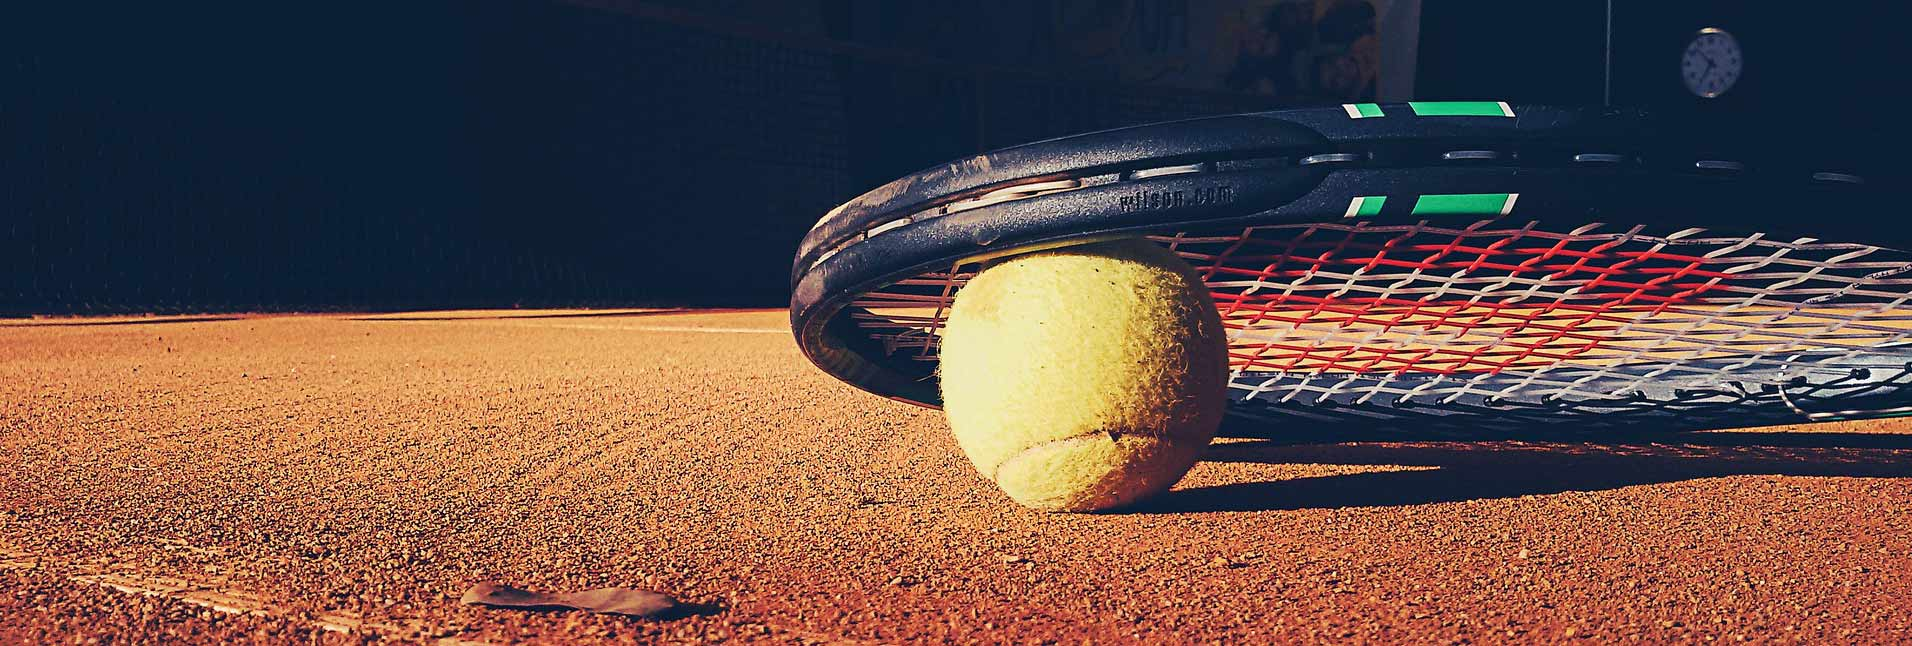 Racketsbespannen.nl - Tennis